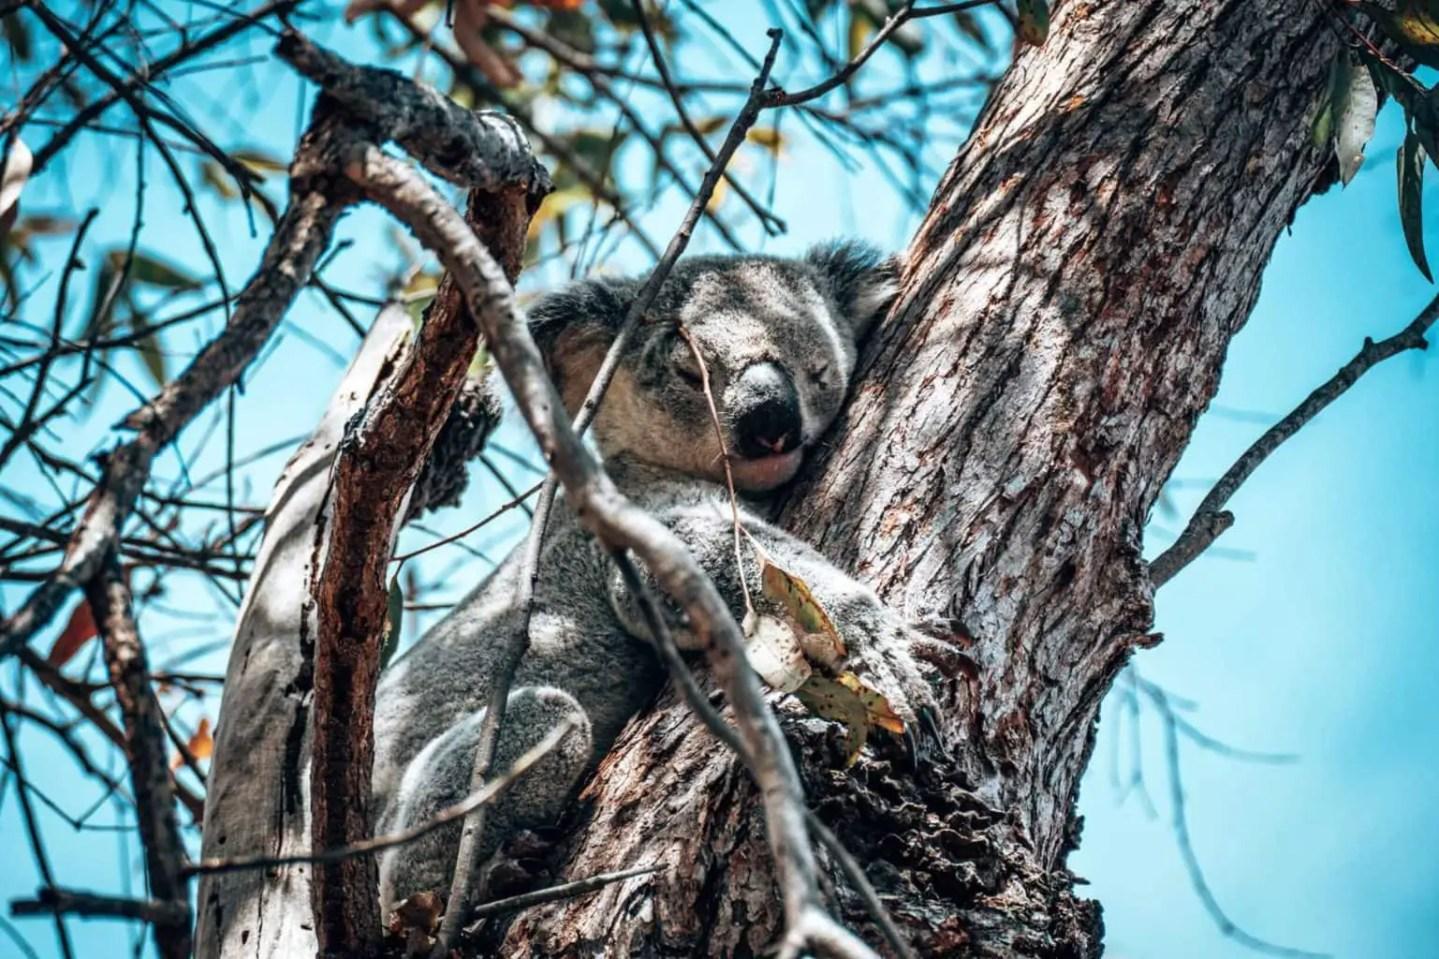 Koalas on the Fort Walk